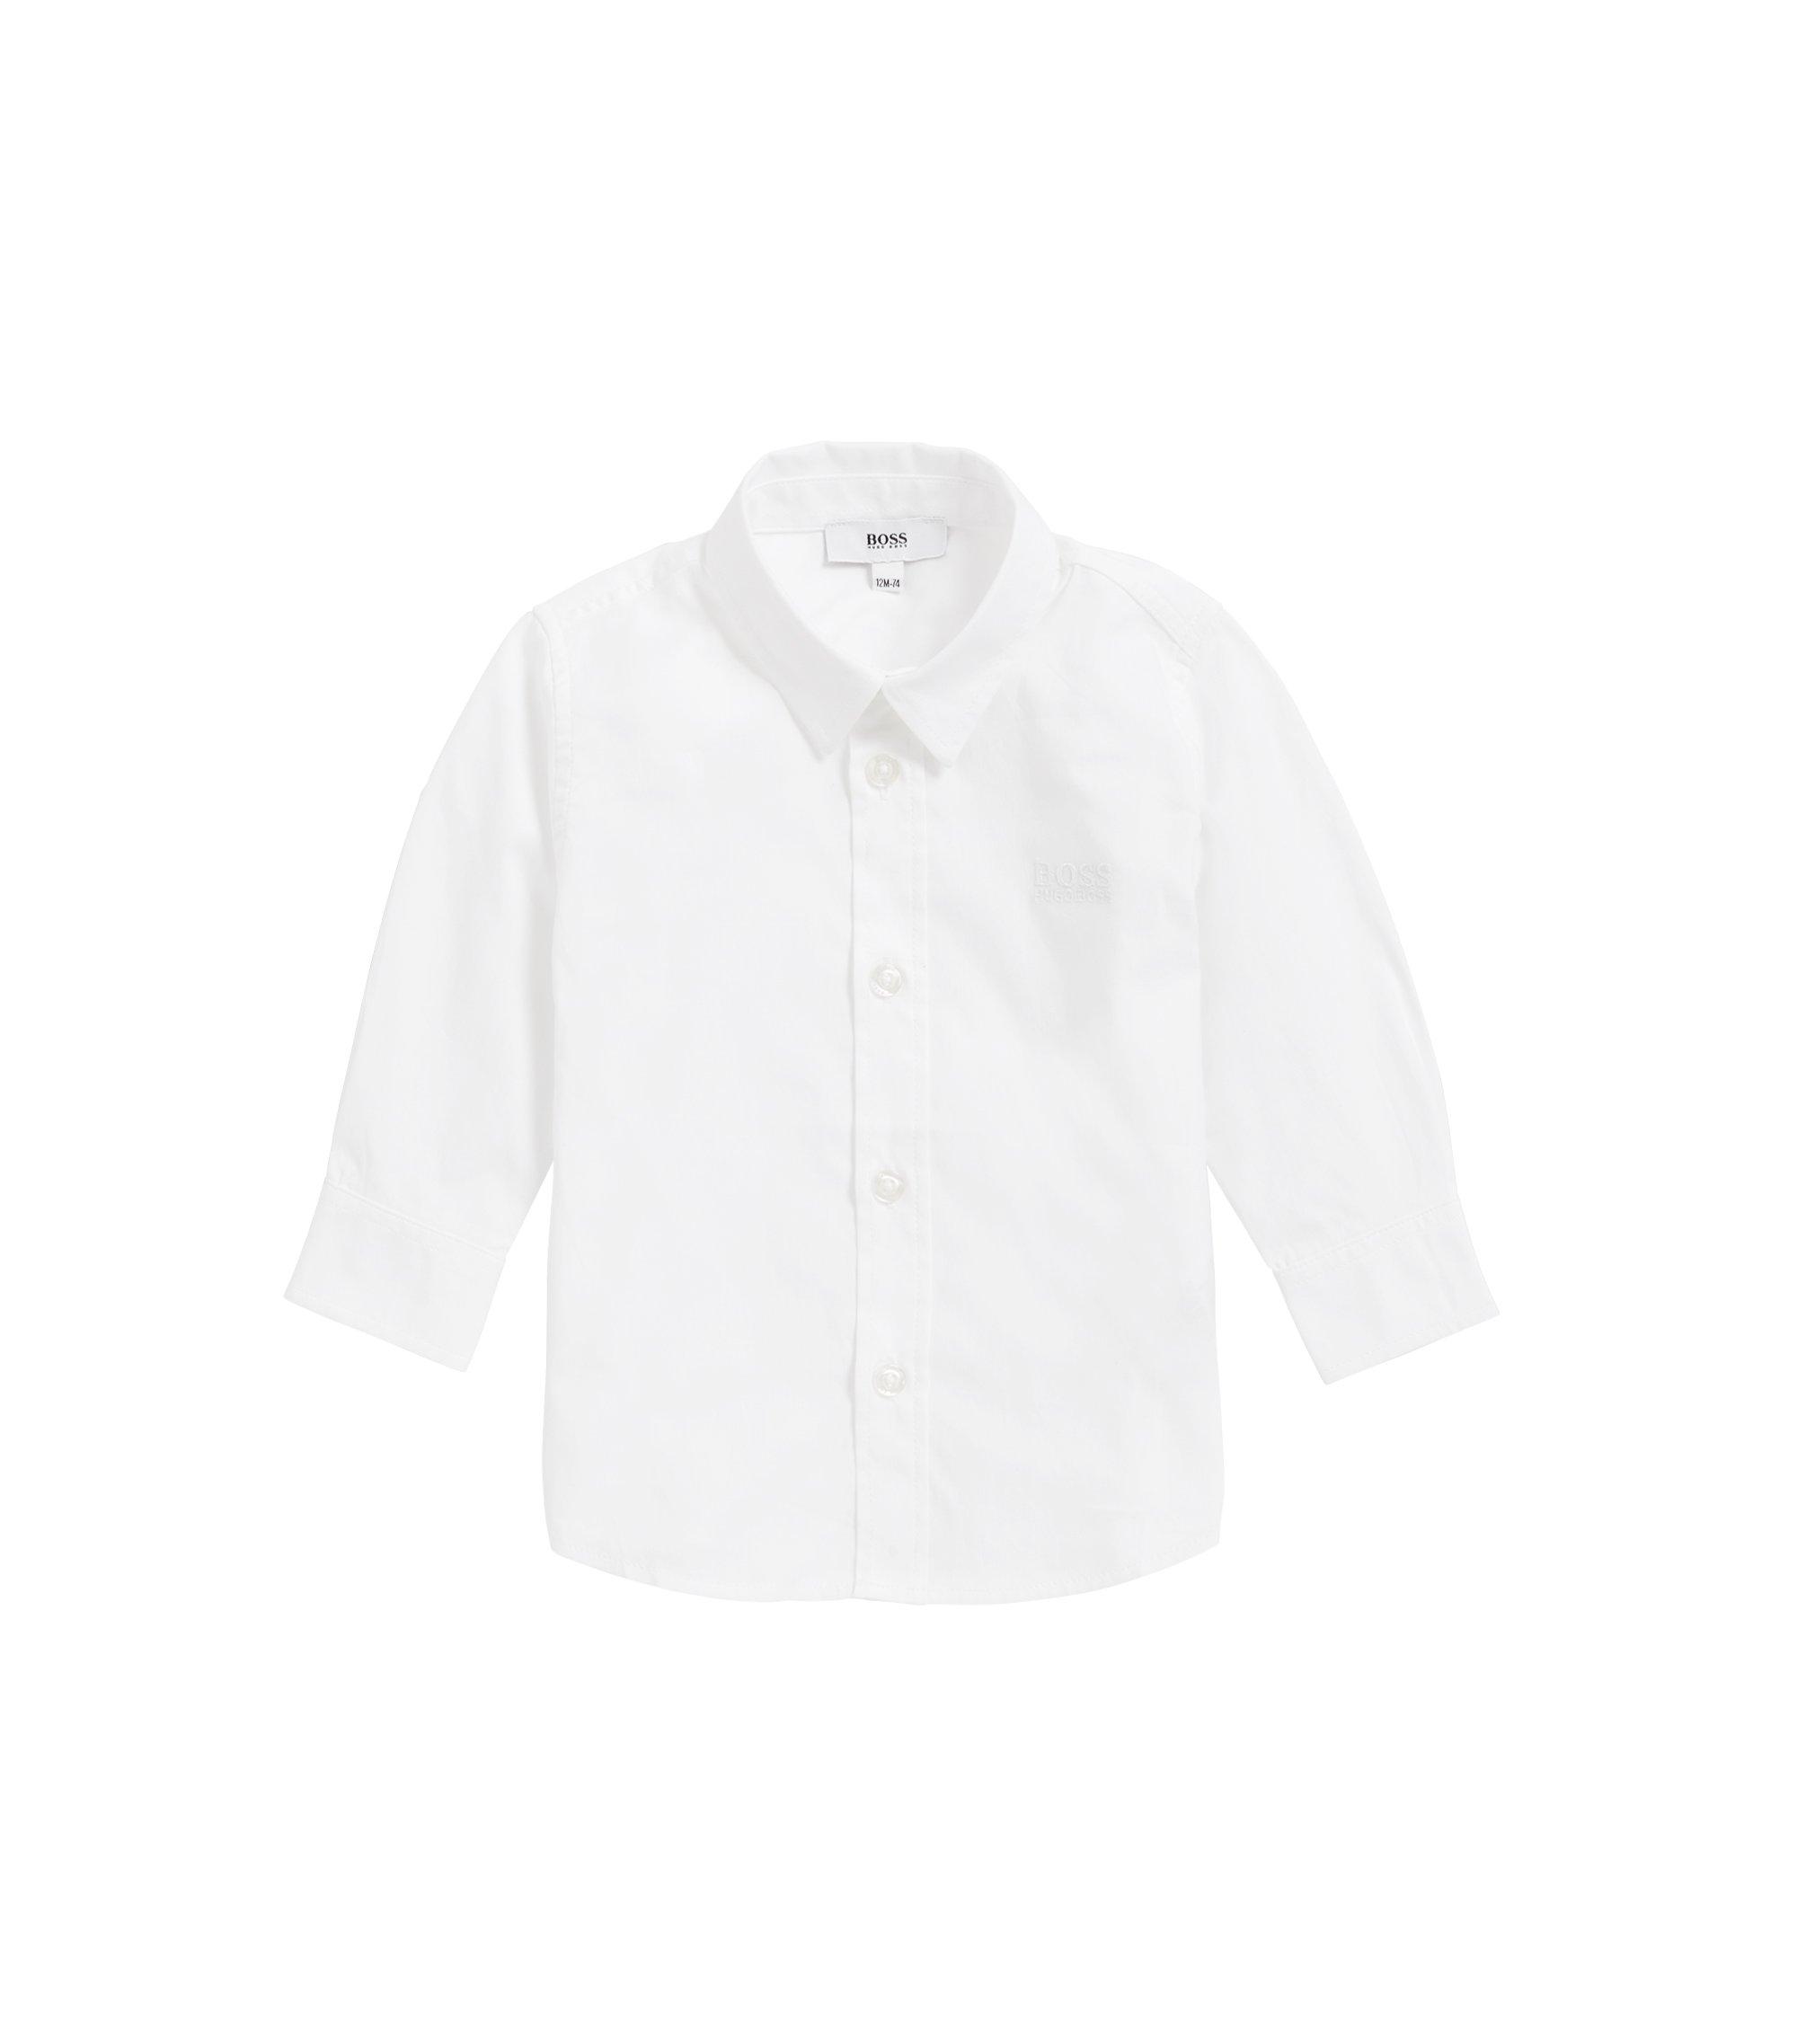 Kids-Regular-Fit-Hemd aus weicher Baumwolle, Weiß